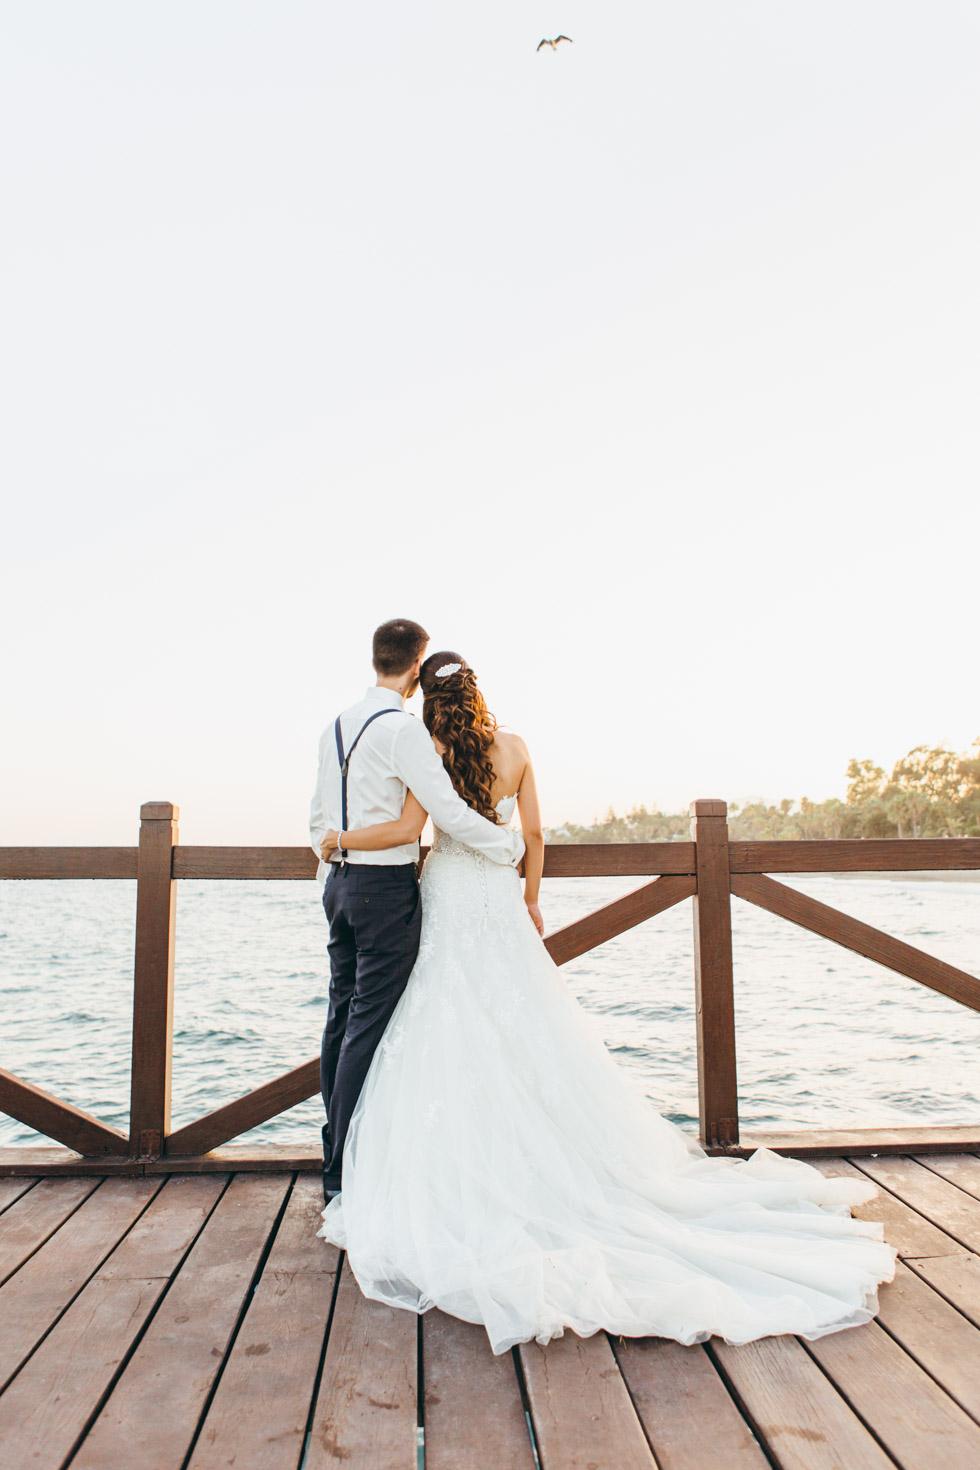 fotografo bodas marbella-34